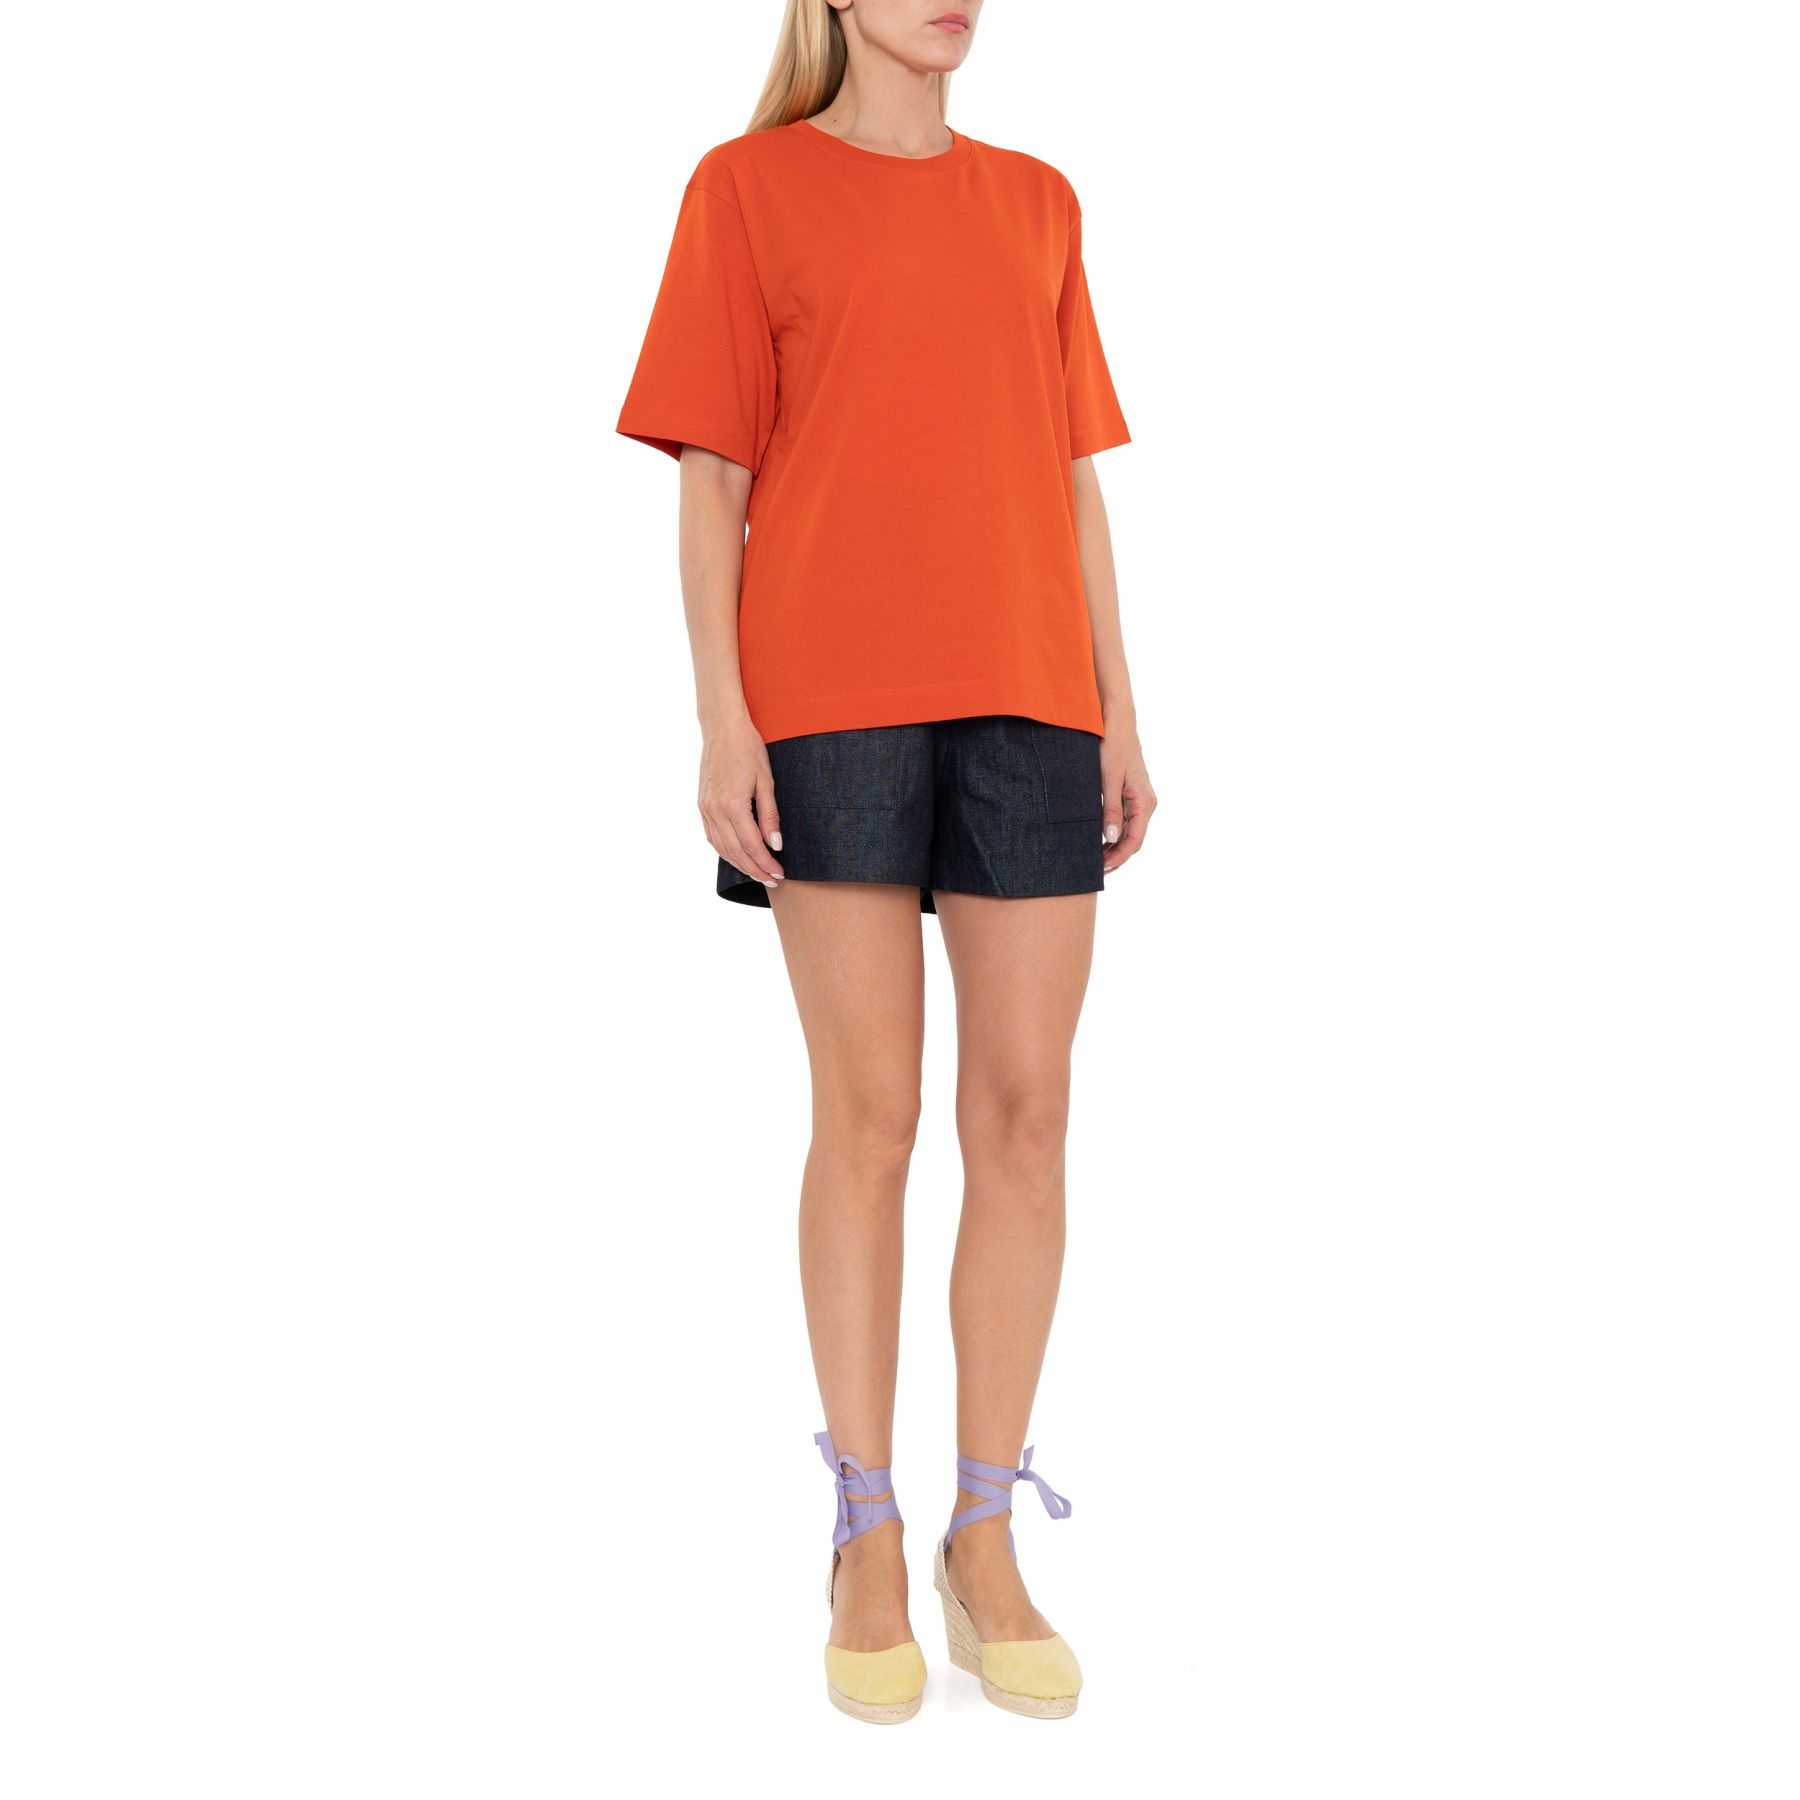 Футболка Dries Van Noten оранжевая